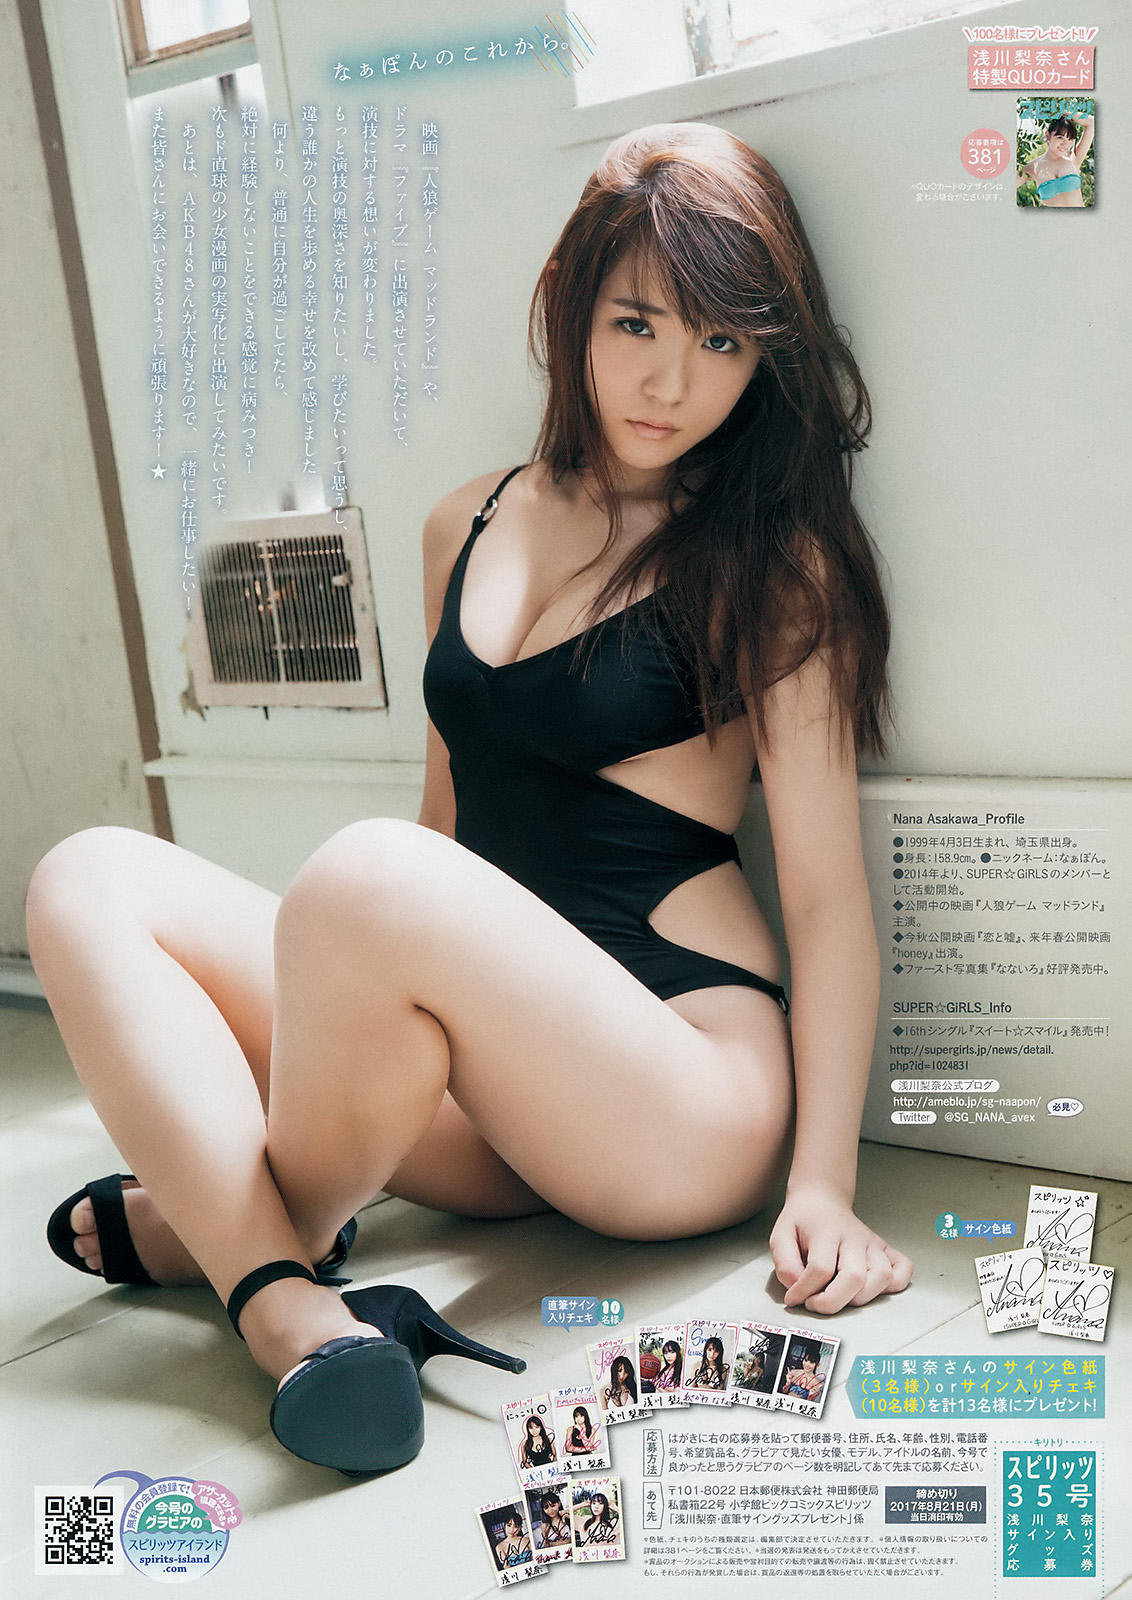 浅川梨奈 画像 173